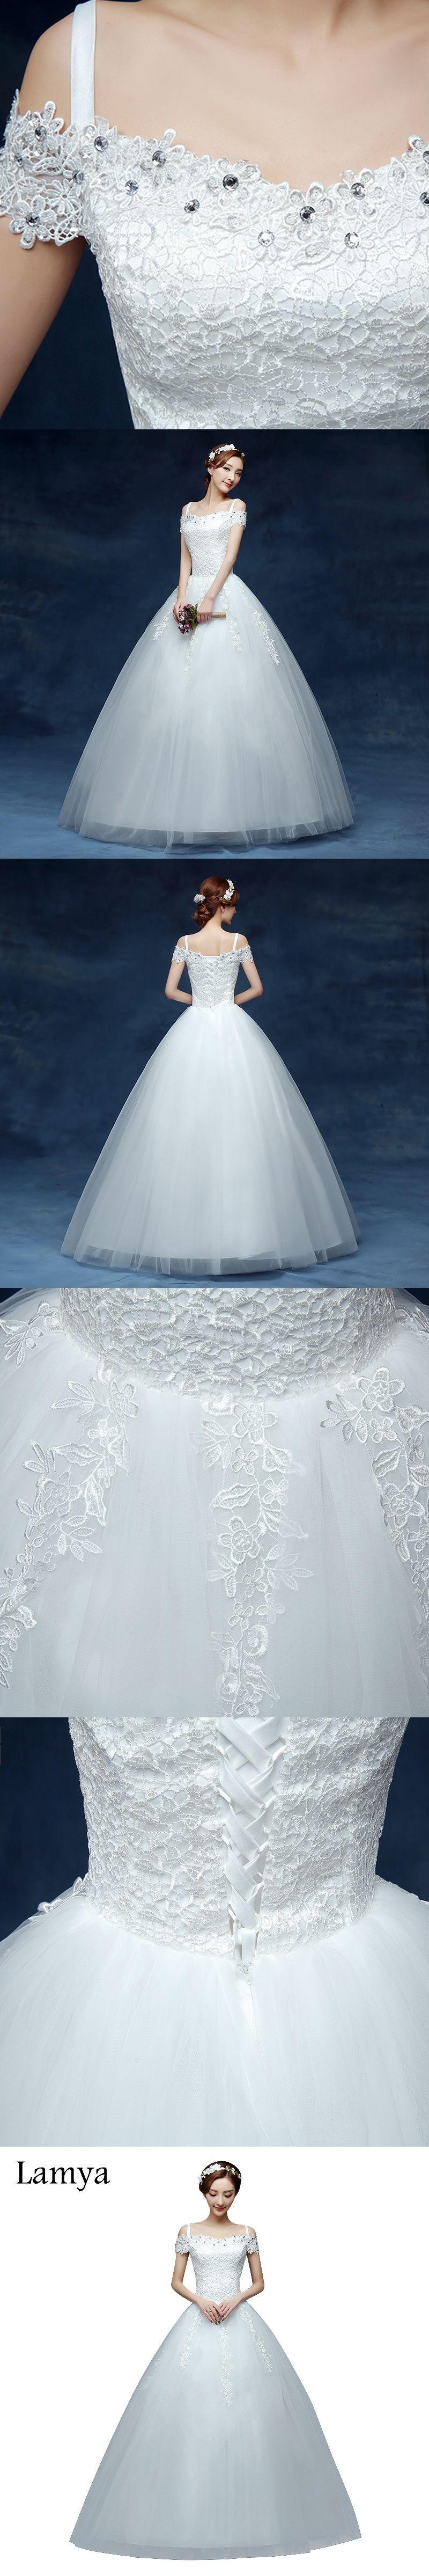 Lamya 2017 Cheap Short Lace Sleeve Plus Size Boat Neck Wedding Dress ...